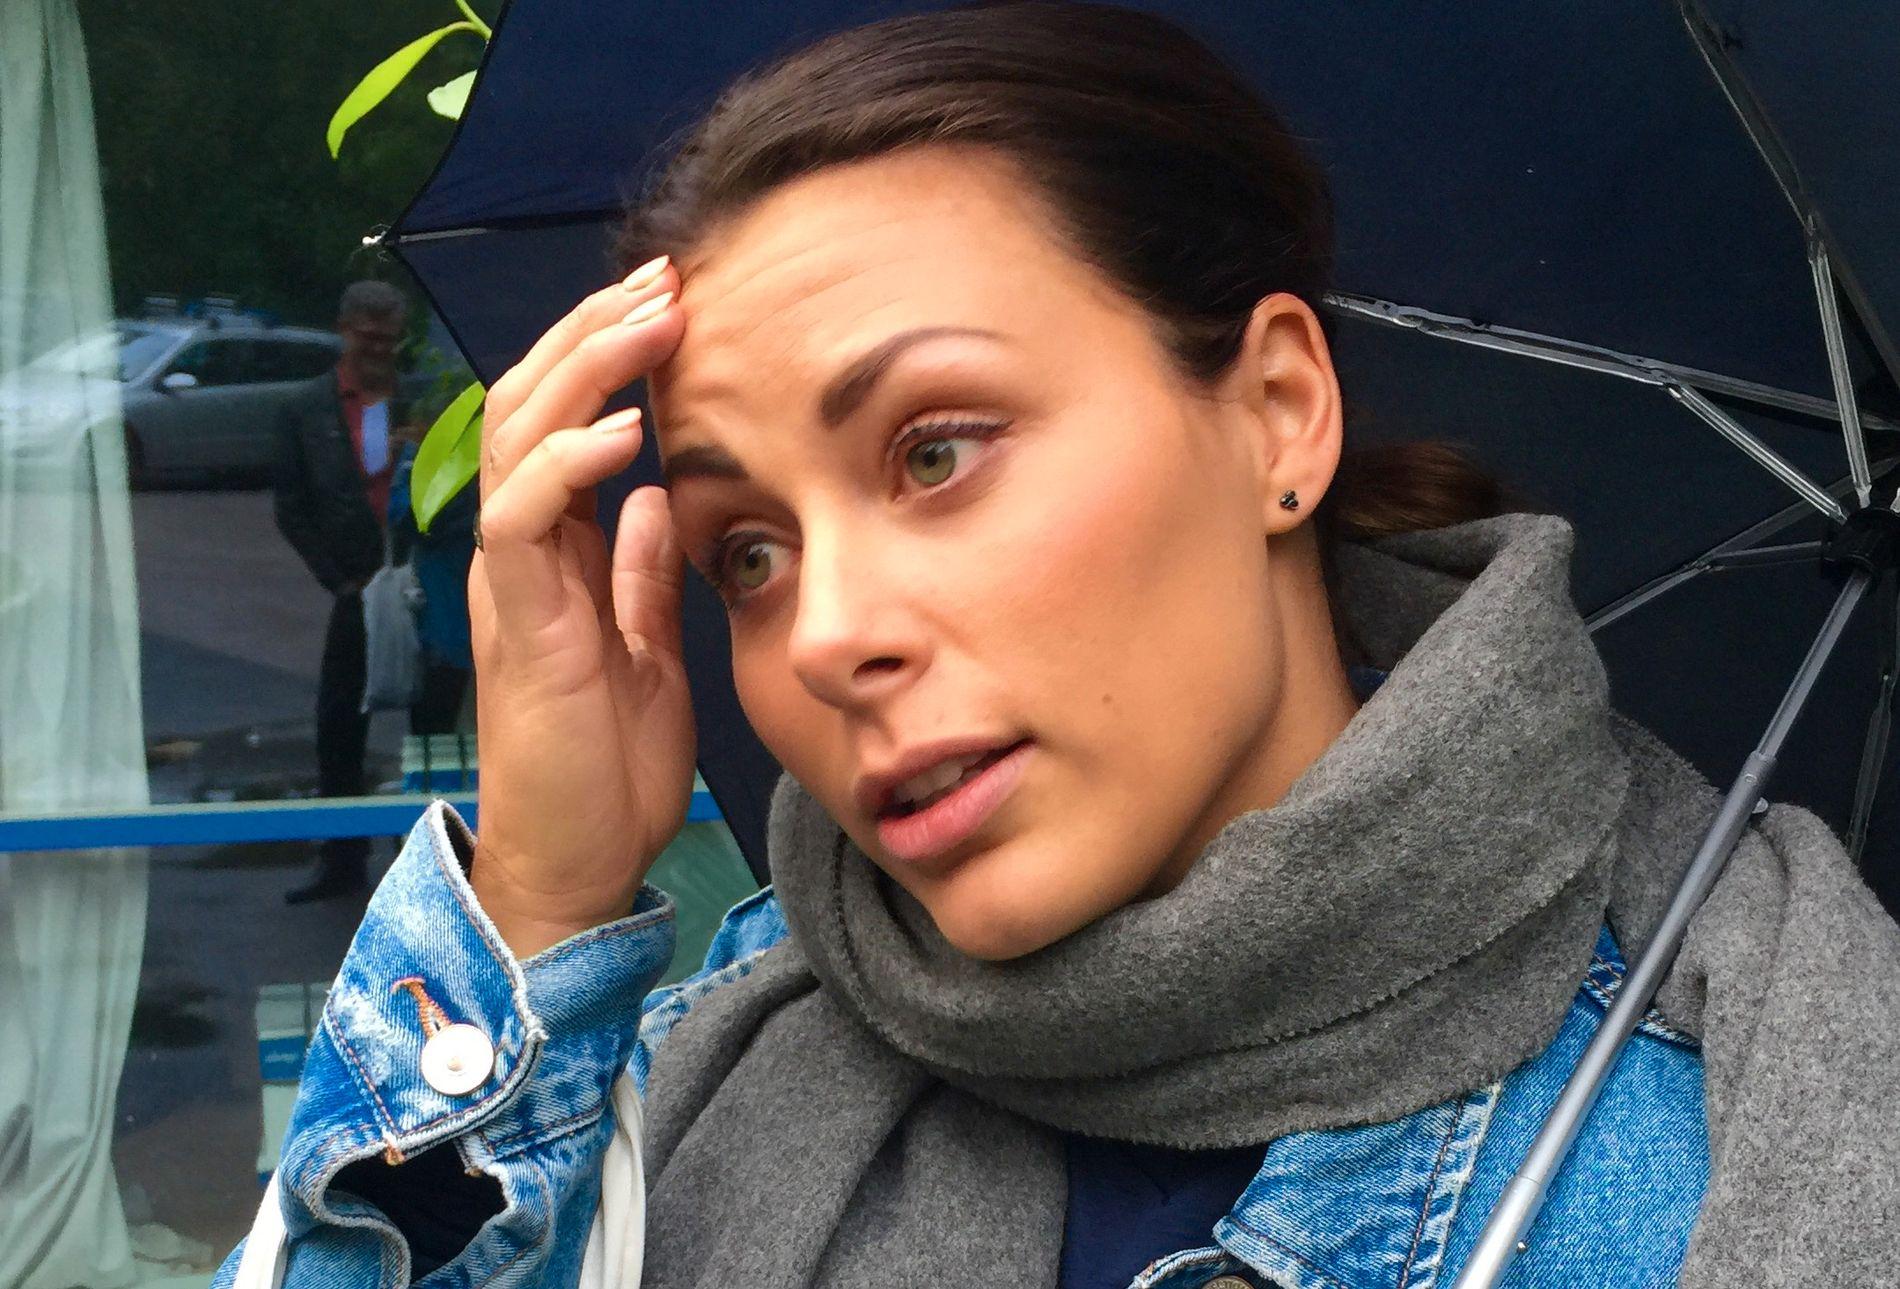 LANGT NEDE: Nora Mørk har hatt det vondt siden private bilder av henne havnet på avveie.